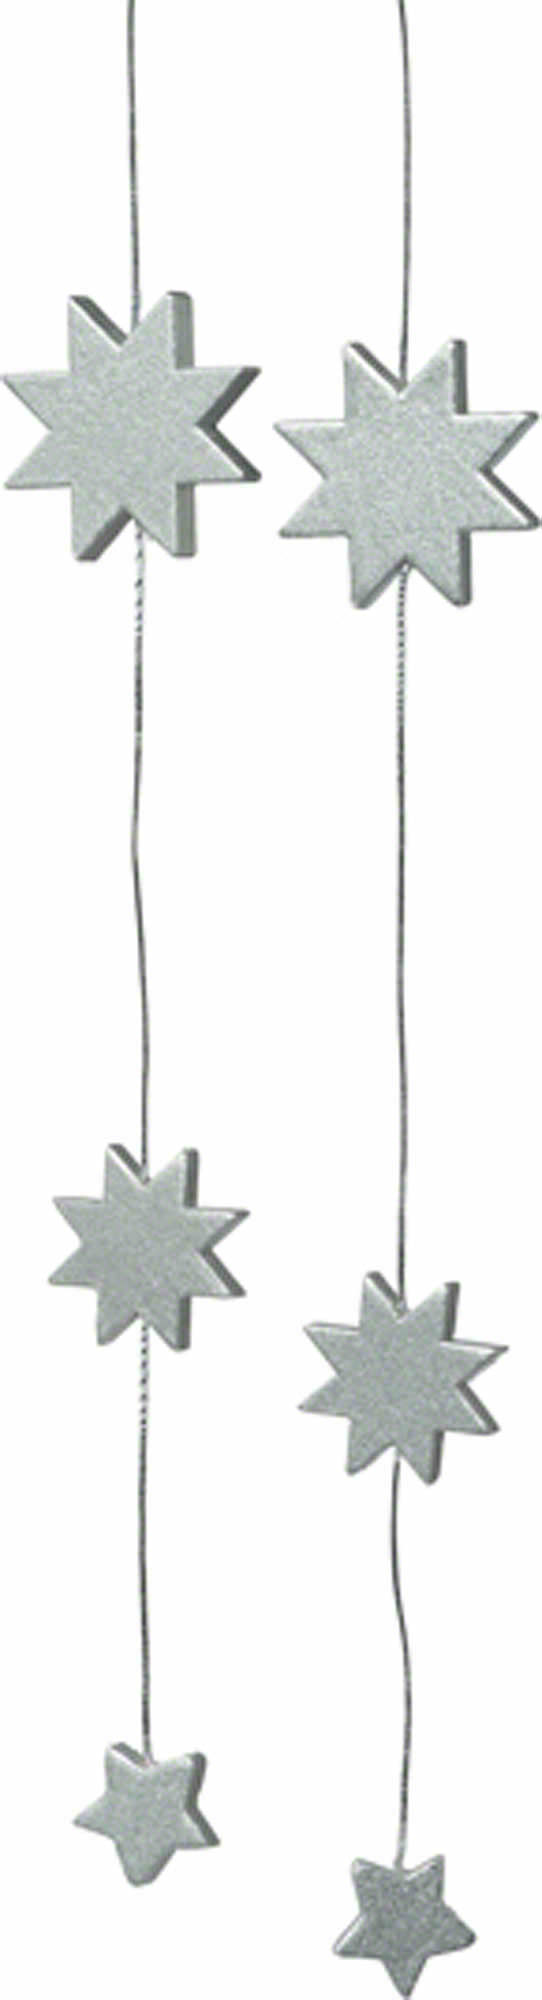 Christbaumschmuck Sterne Silber 38 Cm Von Kwo